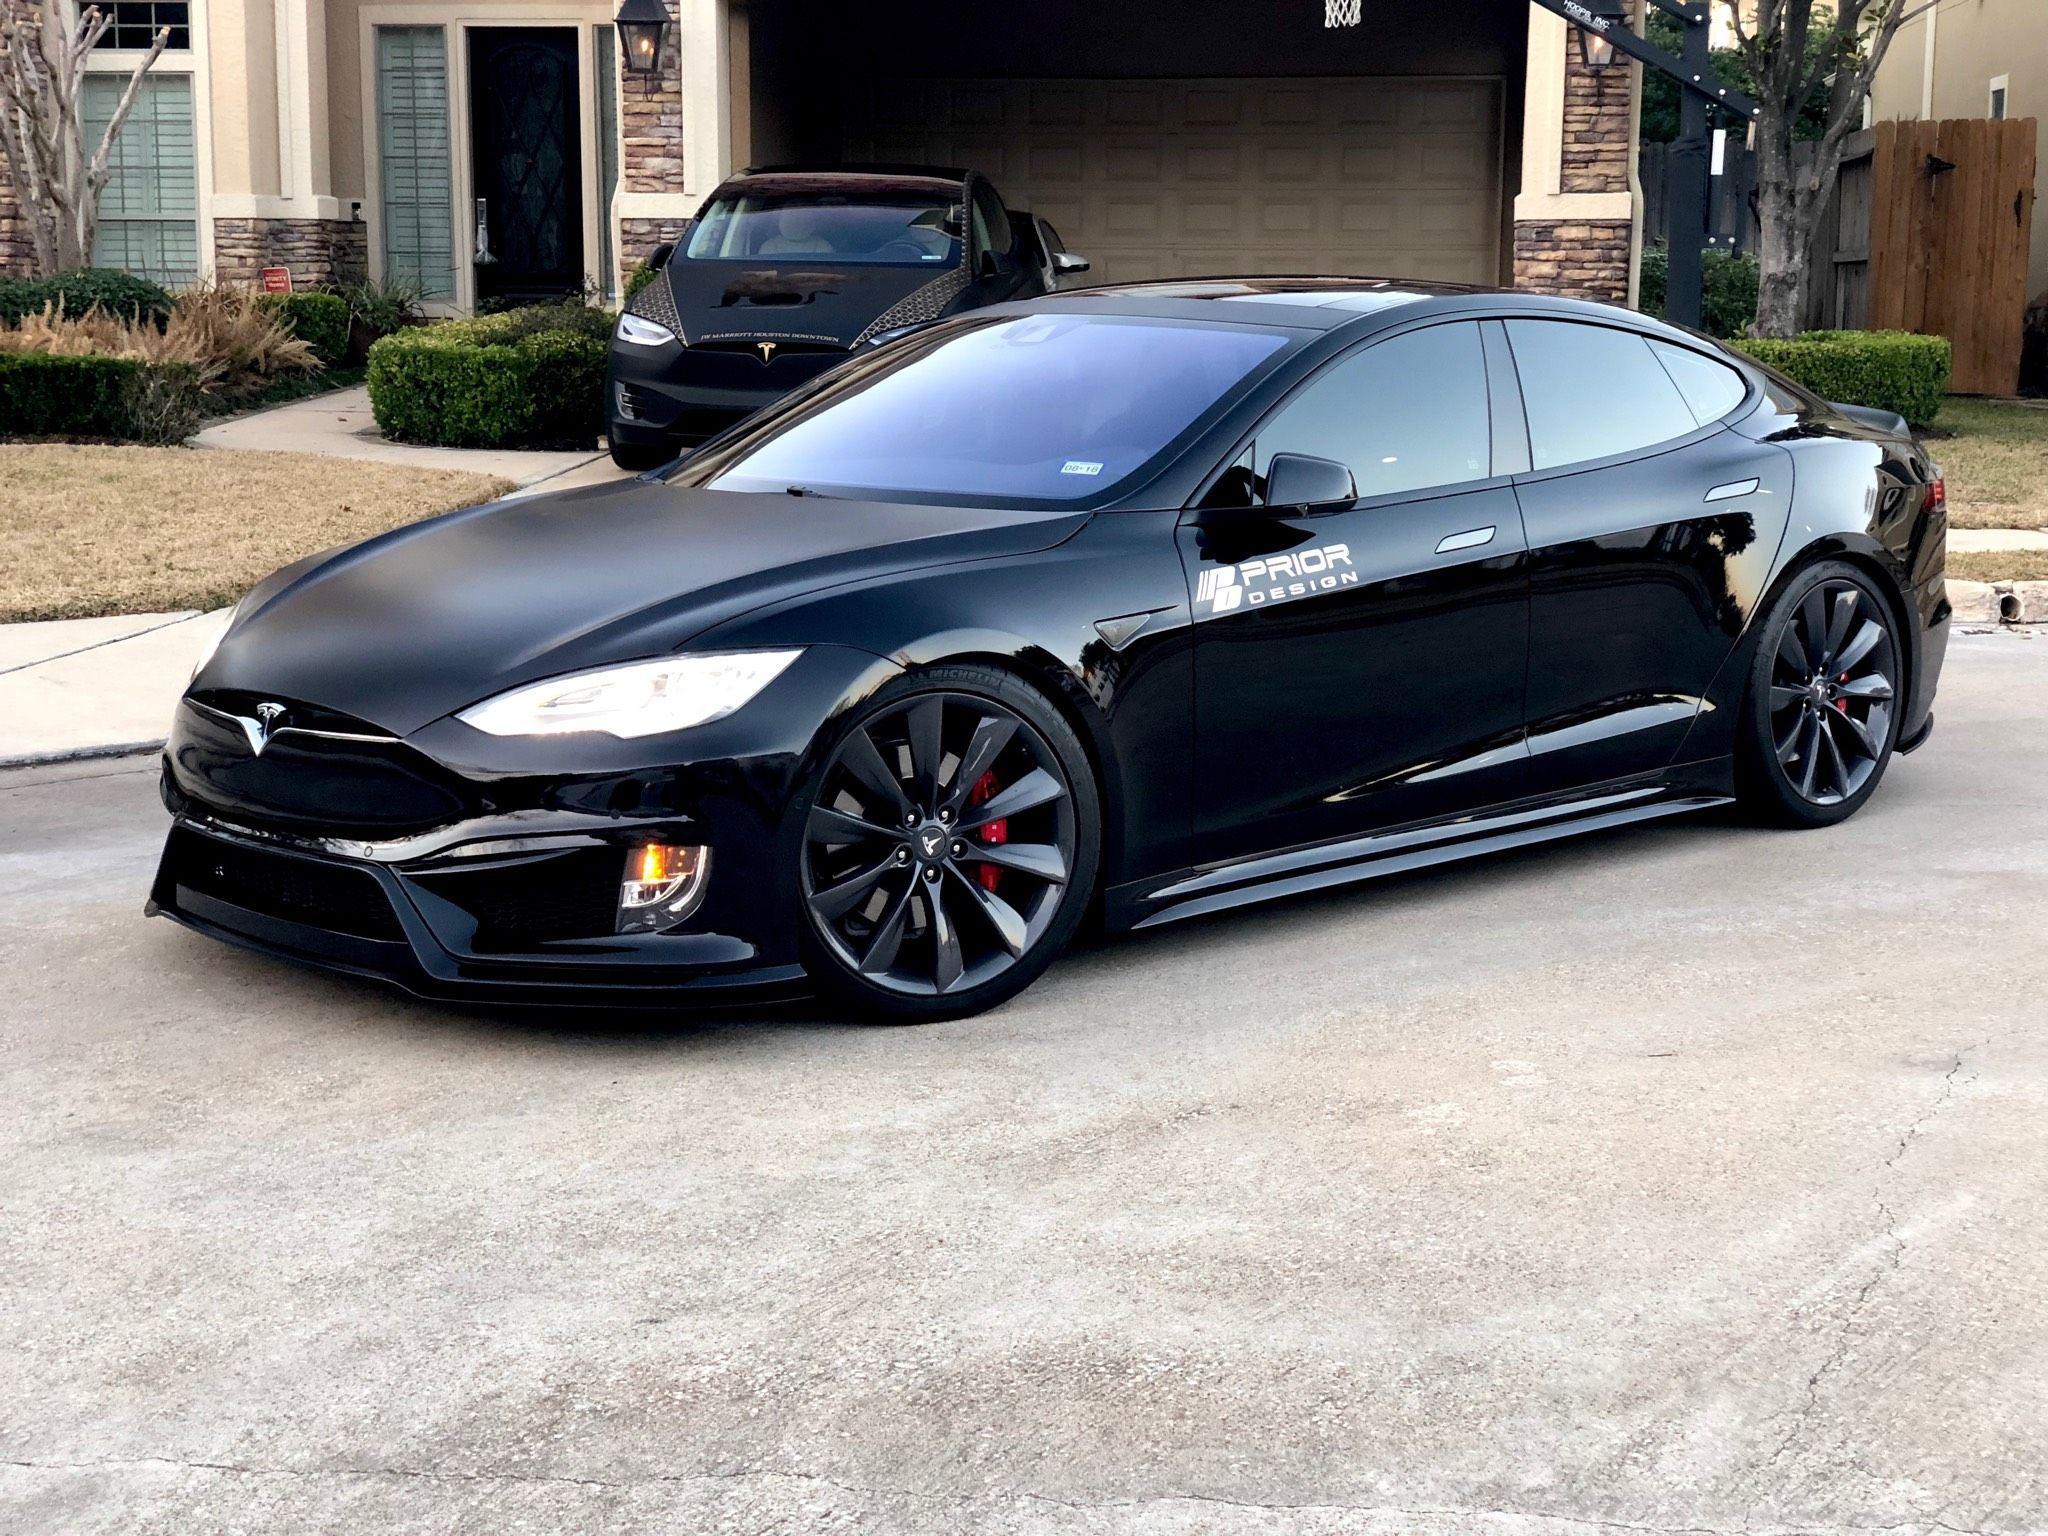 Prior Design Tesla Model S Body Kit Evs Motors Inc In 2021 Tesla Model S Tesla Model Tesla Model S Black